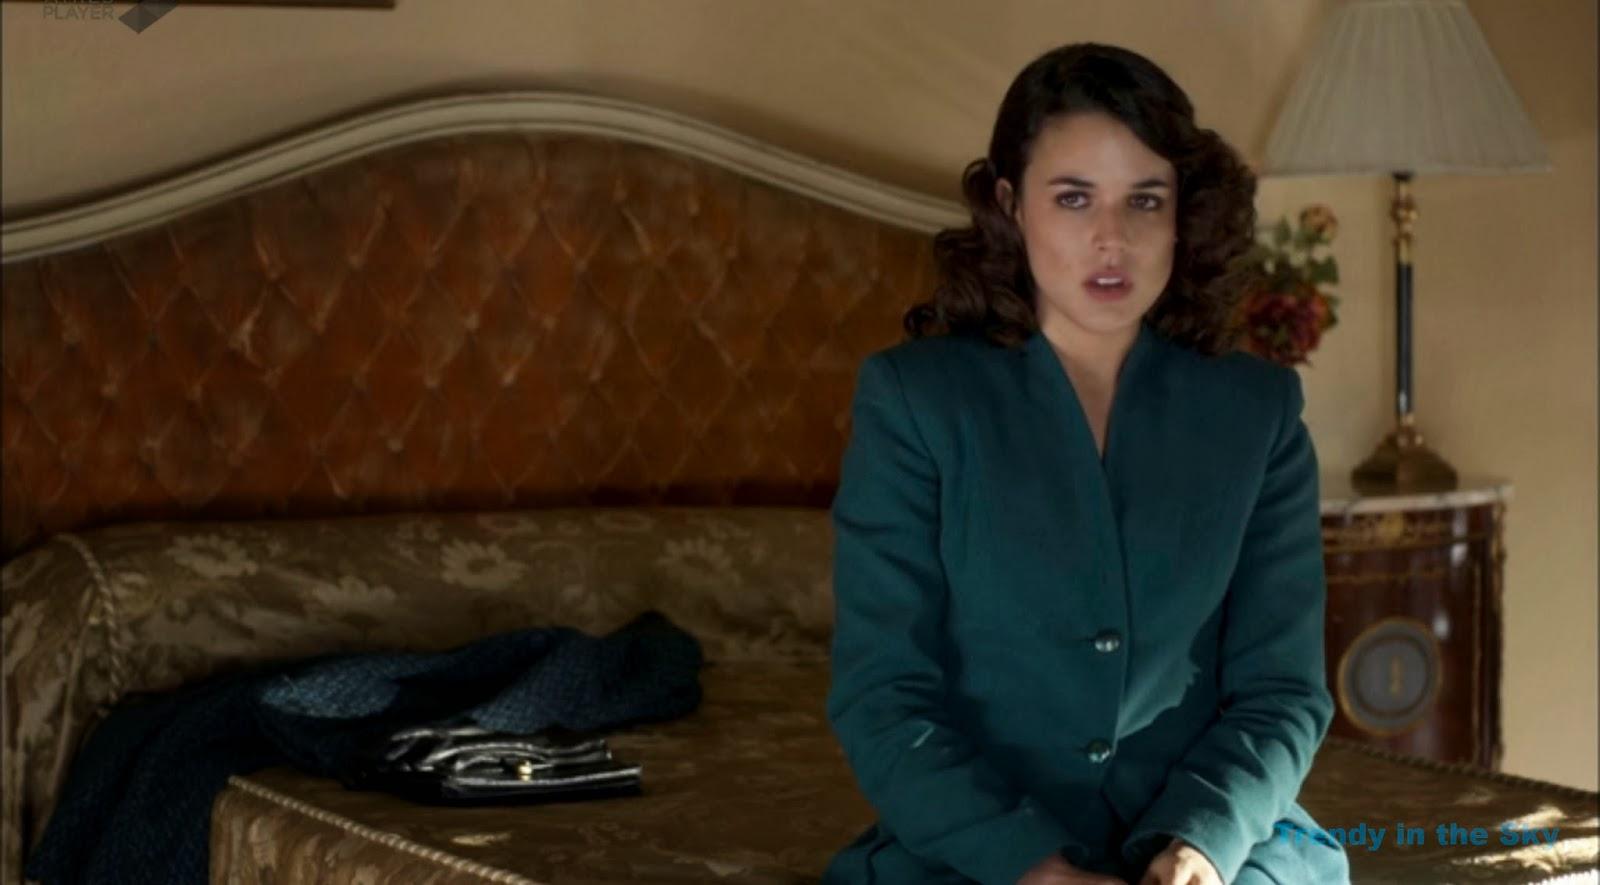 Sira Quiroga abrigo traje verde. El tiempo entre costuras capítulo final